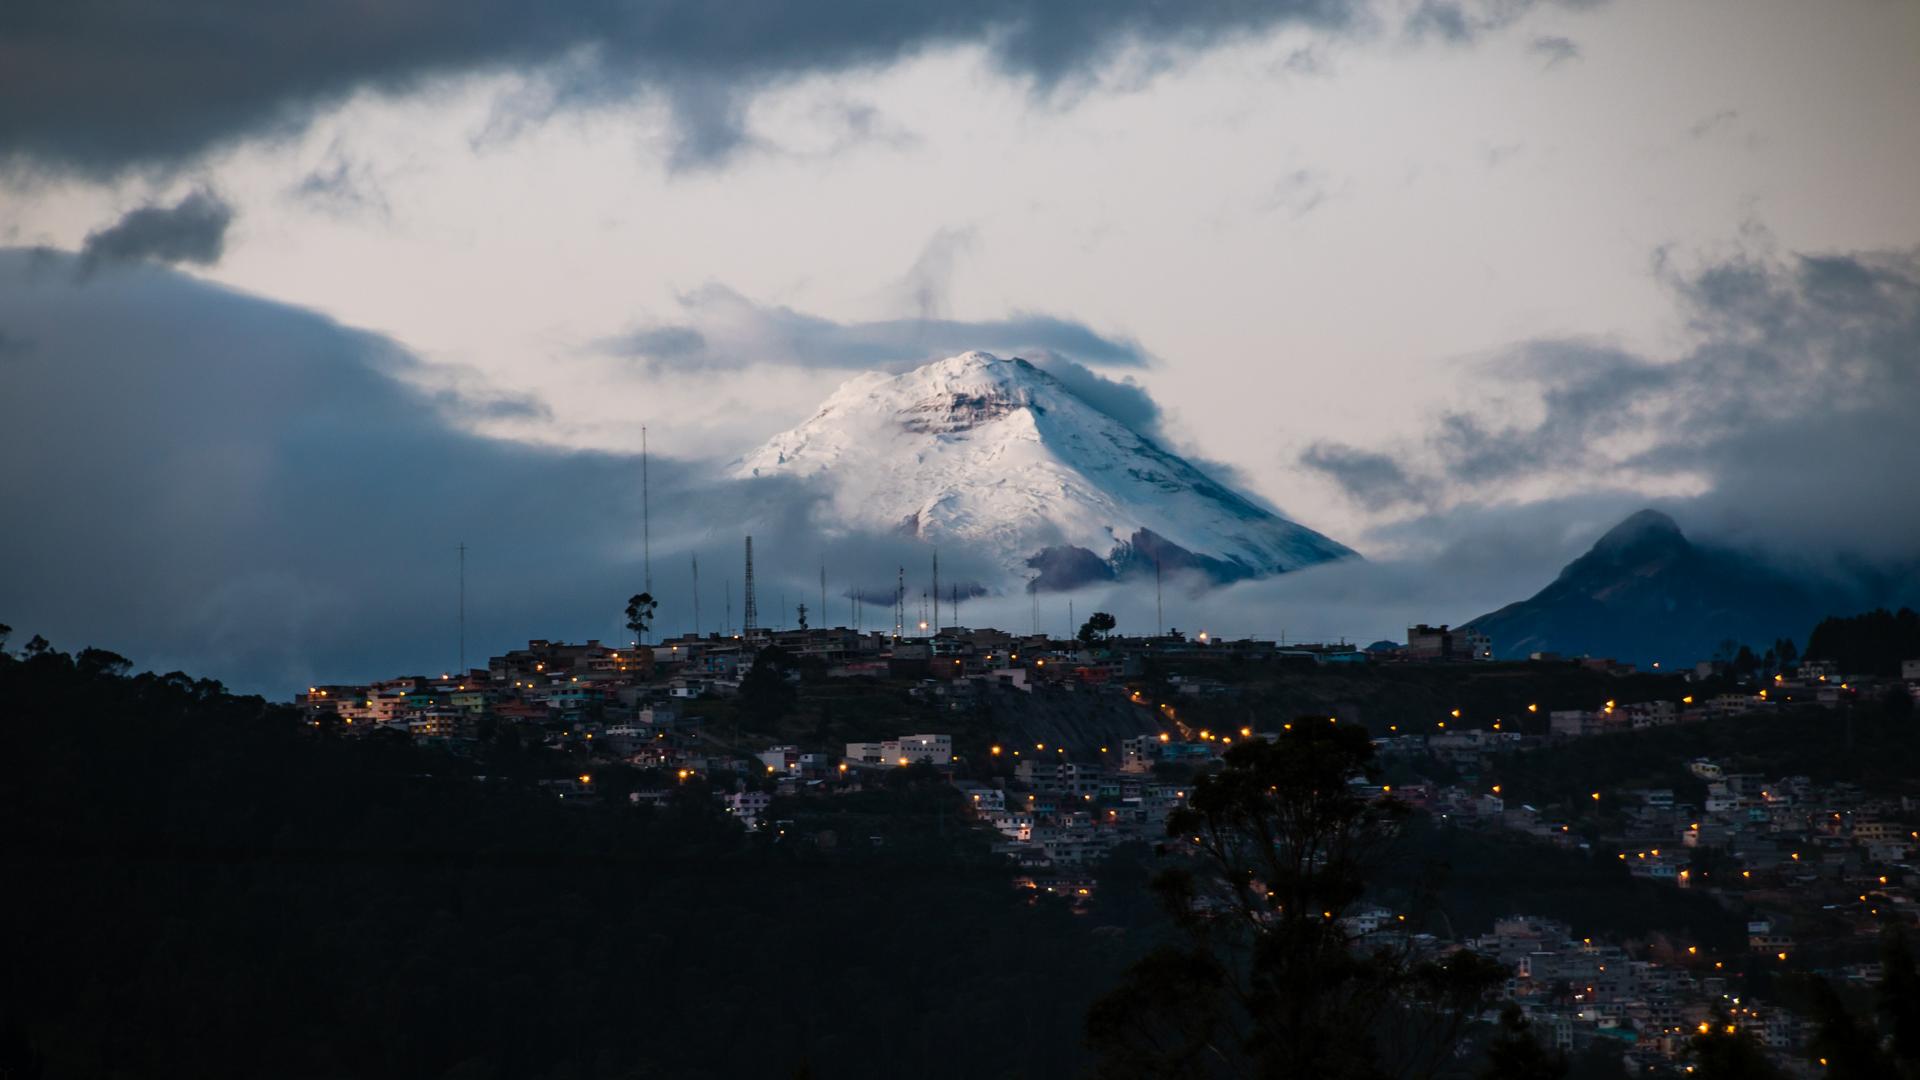 A view in Ecuador